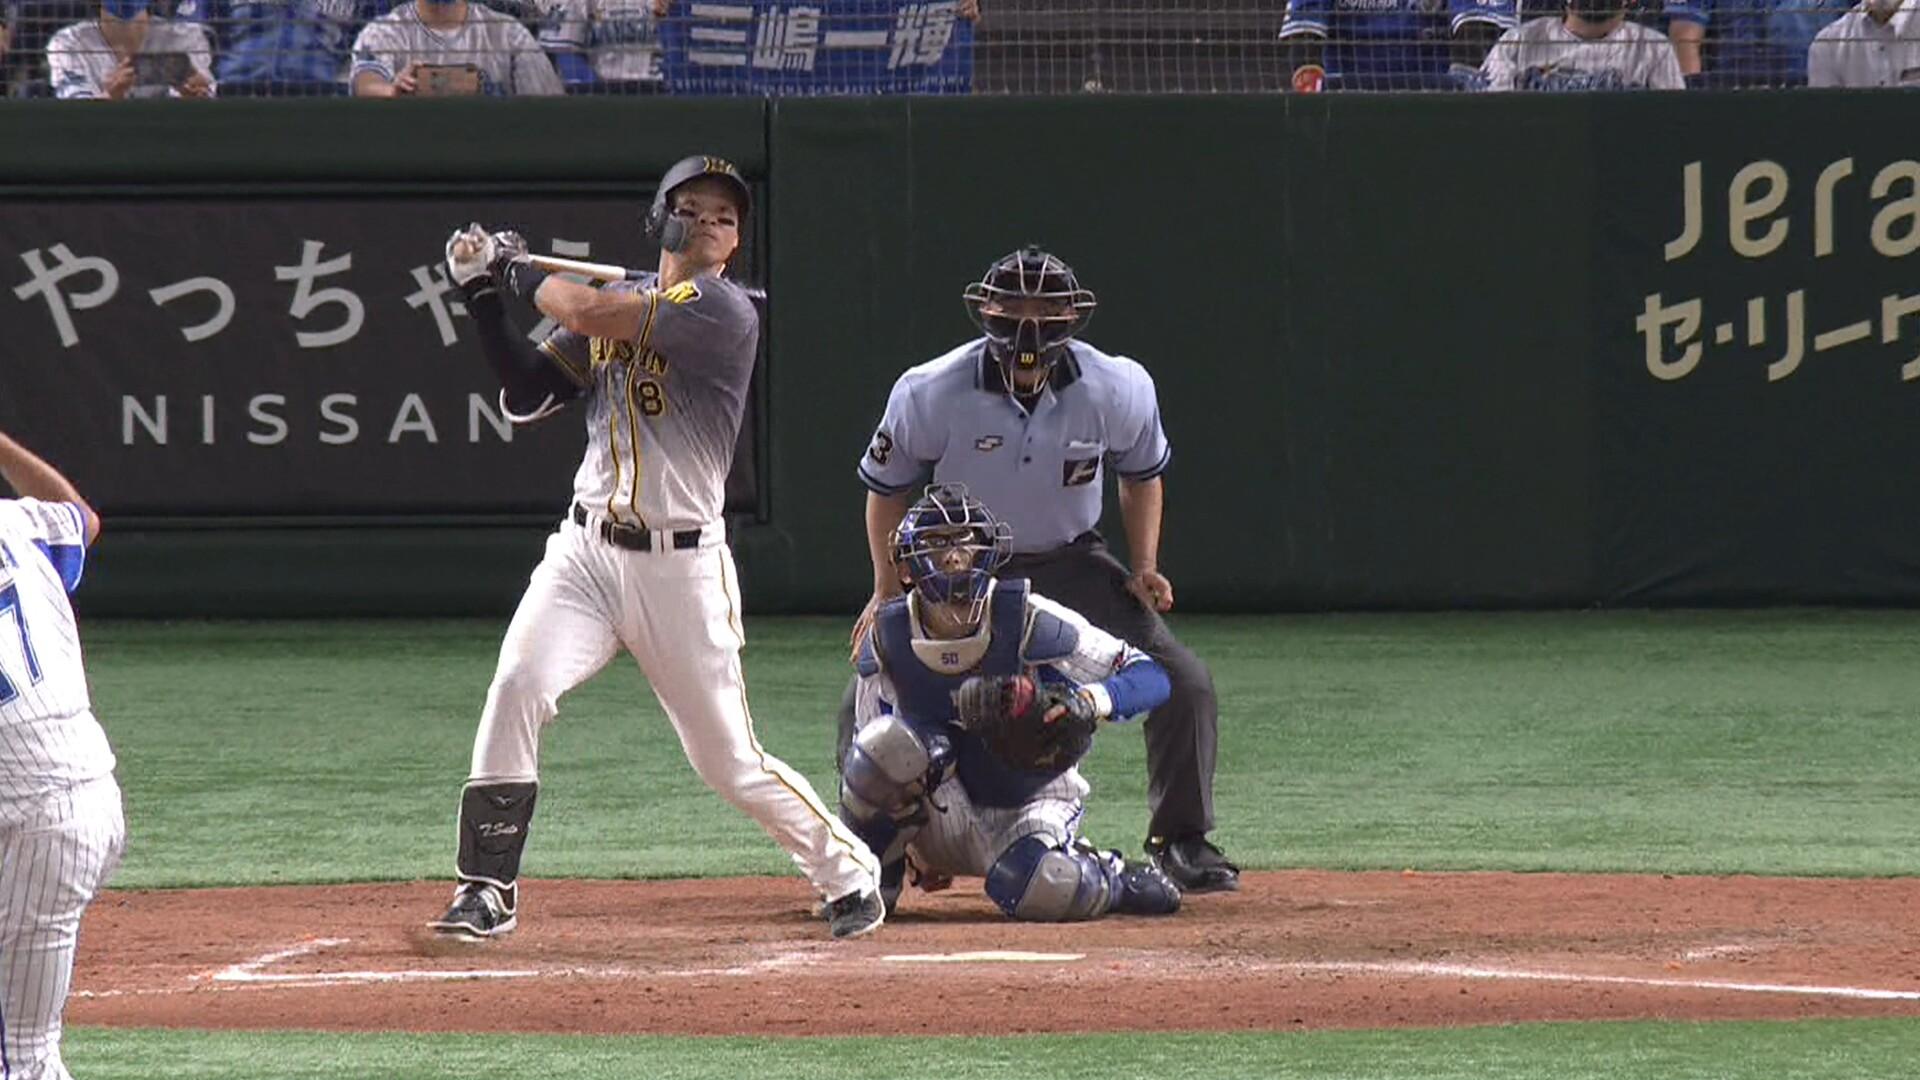 阪神・佐藤輝明、球団新人記録を更新する23号ホームラン